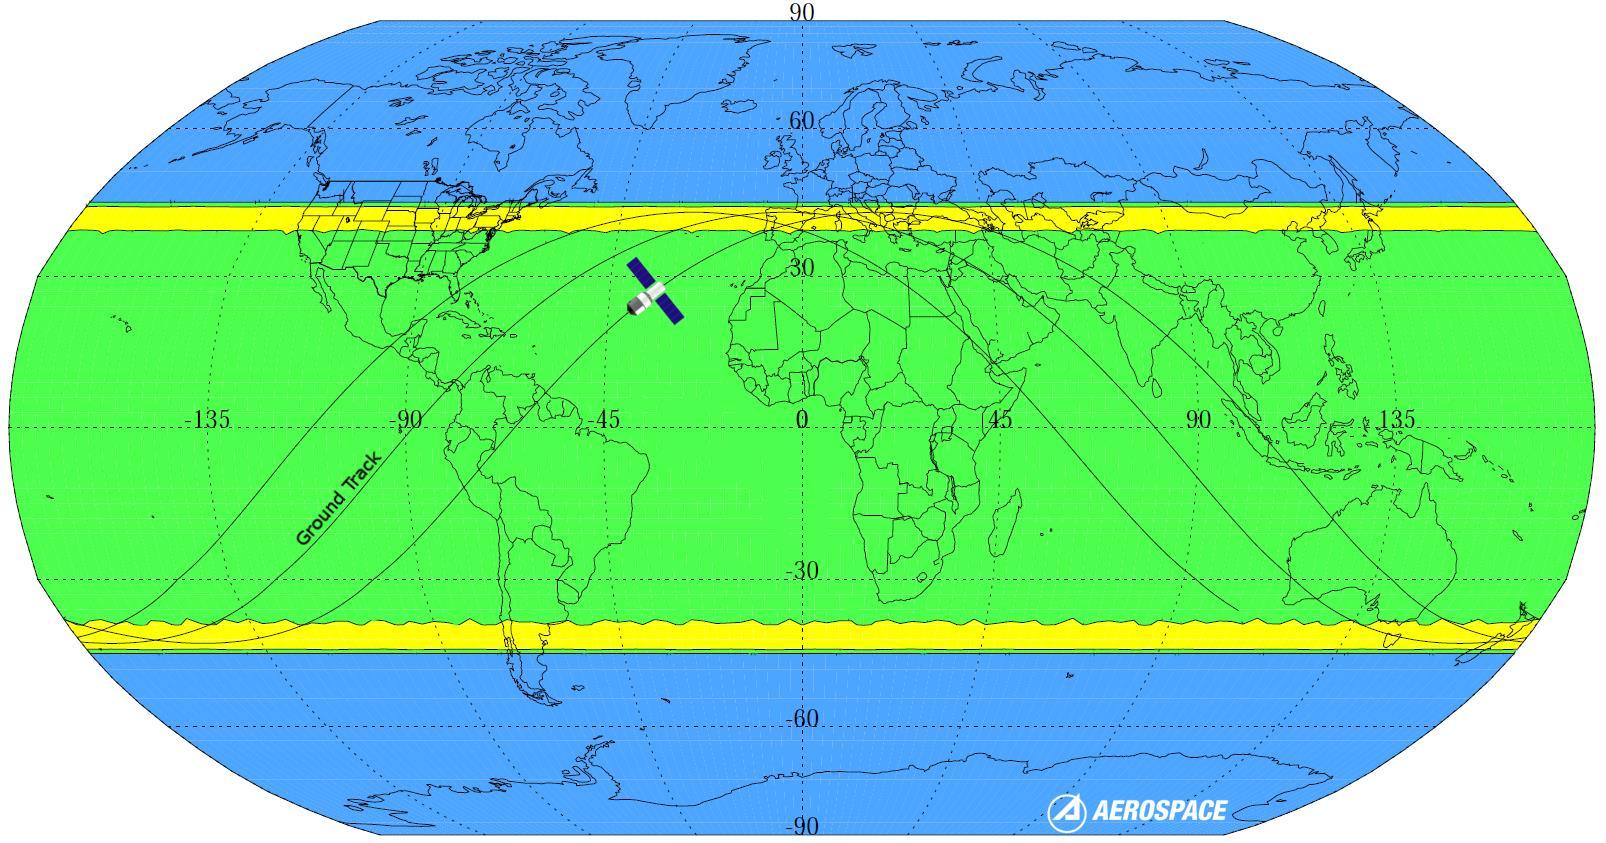 Una mappa con le possibili zone di rientro nell'atmosfera di Tiangong-1